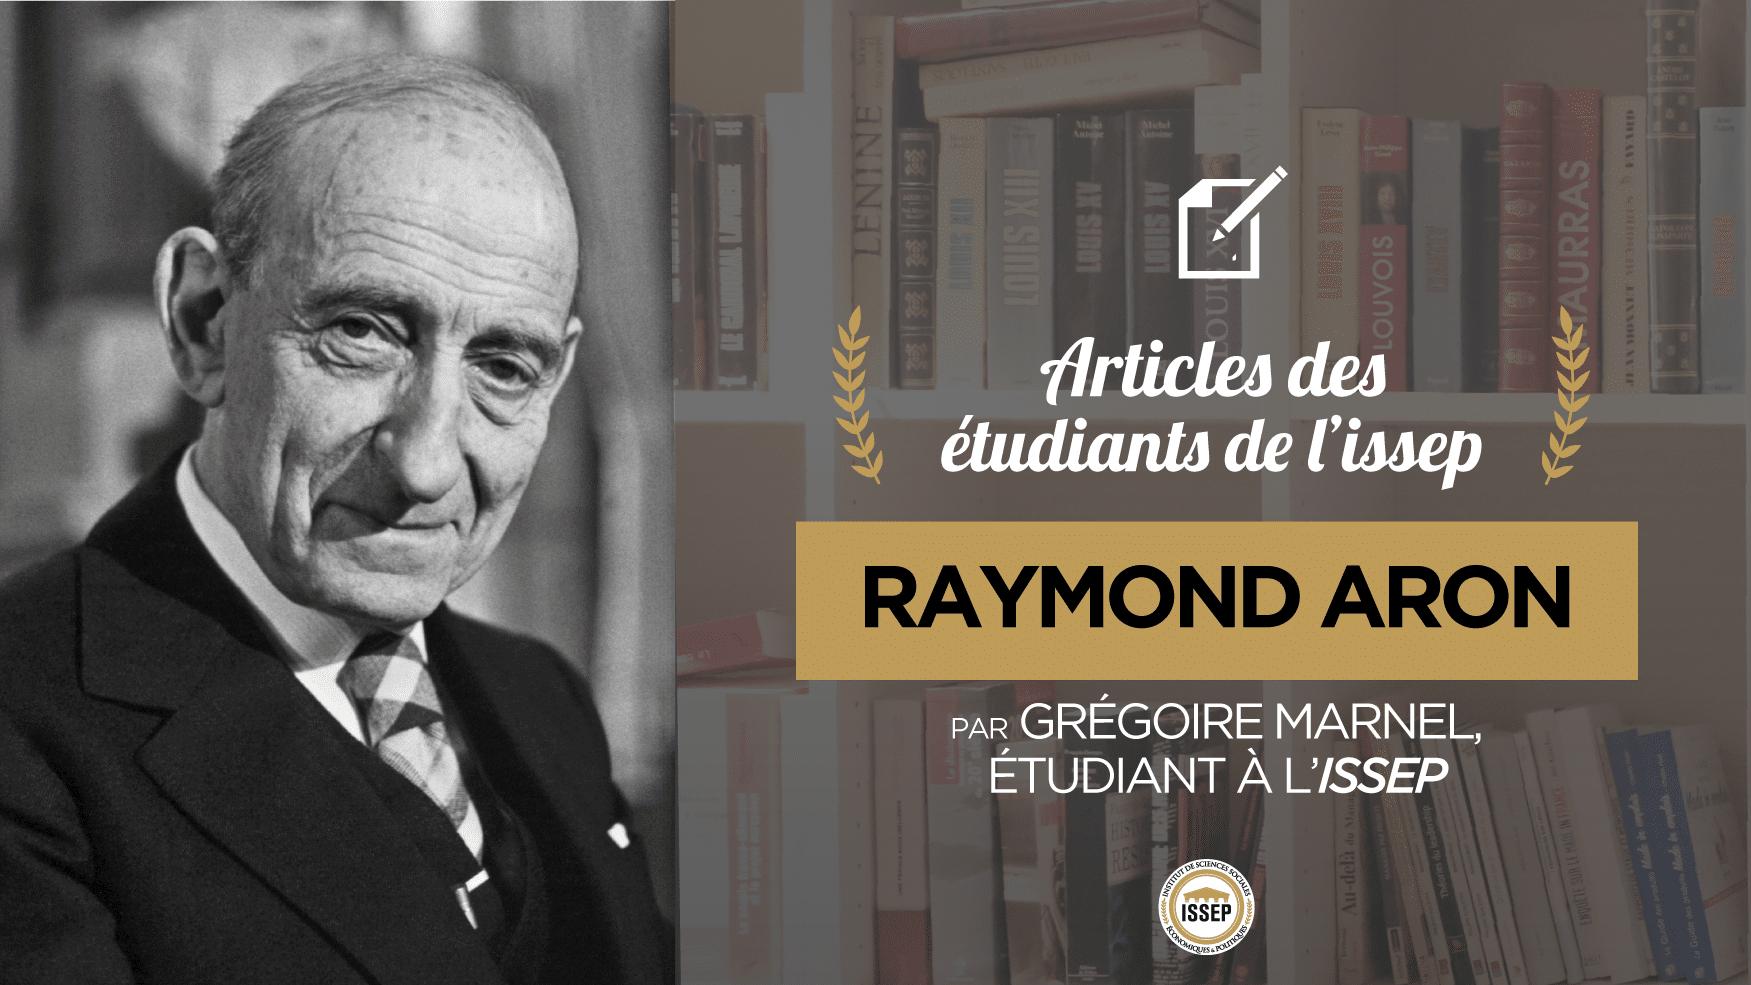 Articles des étudiants : Raymond Aron, par Grégoire Marnel, étudiant en Bac+4 à l'ISSEP